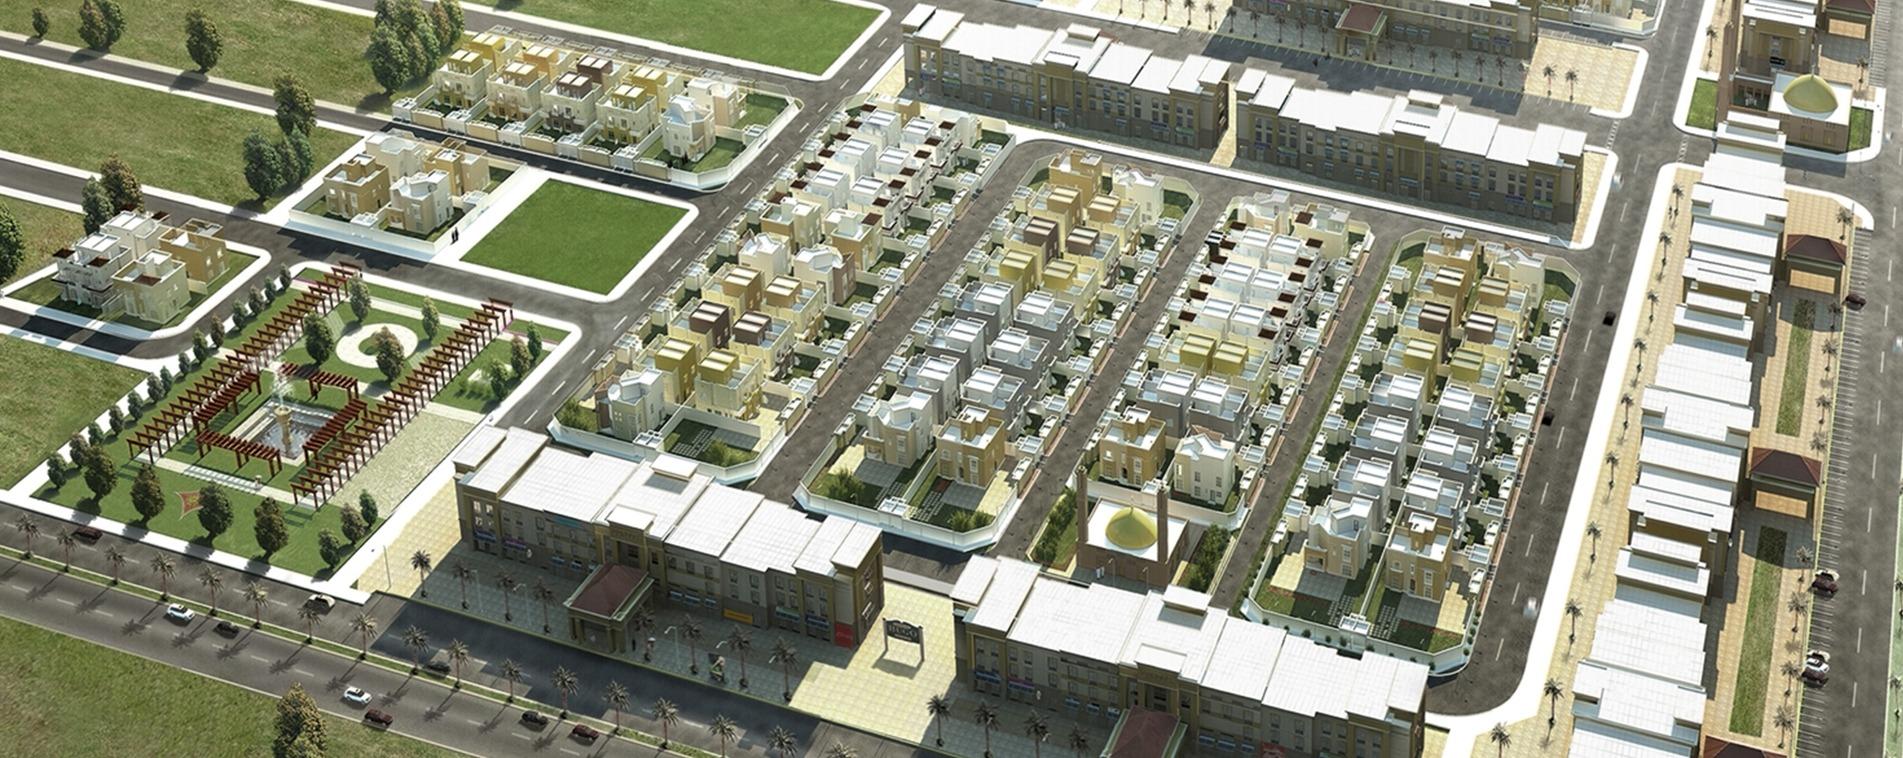 حي قرطبة 1 _ مشاريع الأرجان السكنية